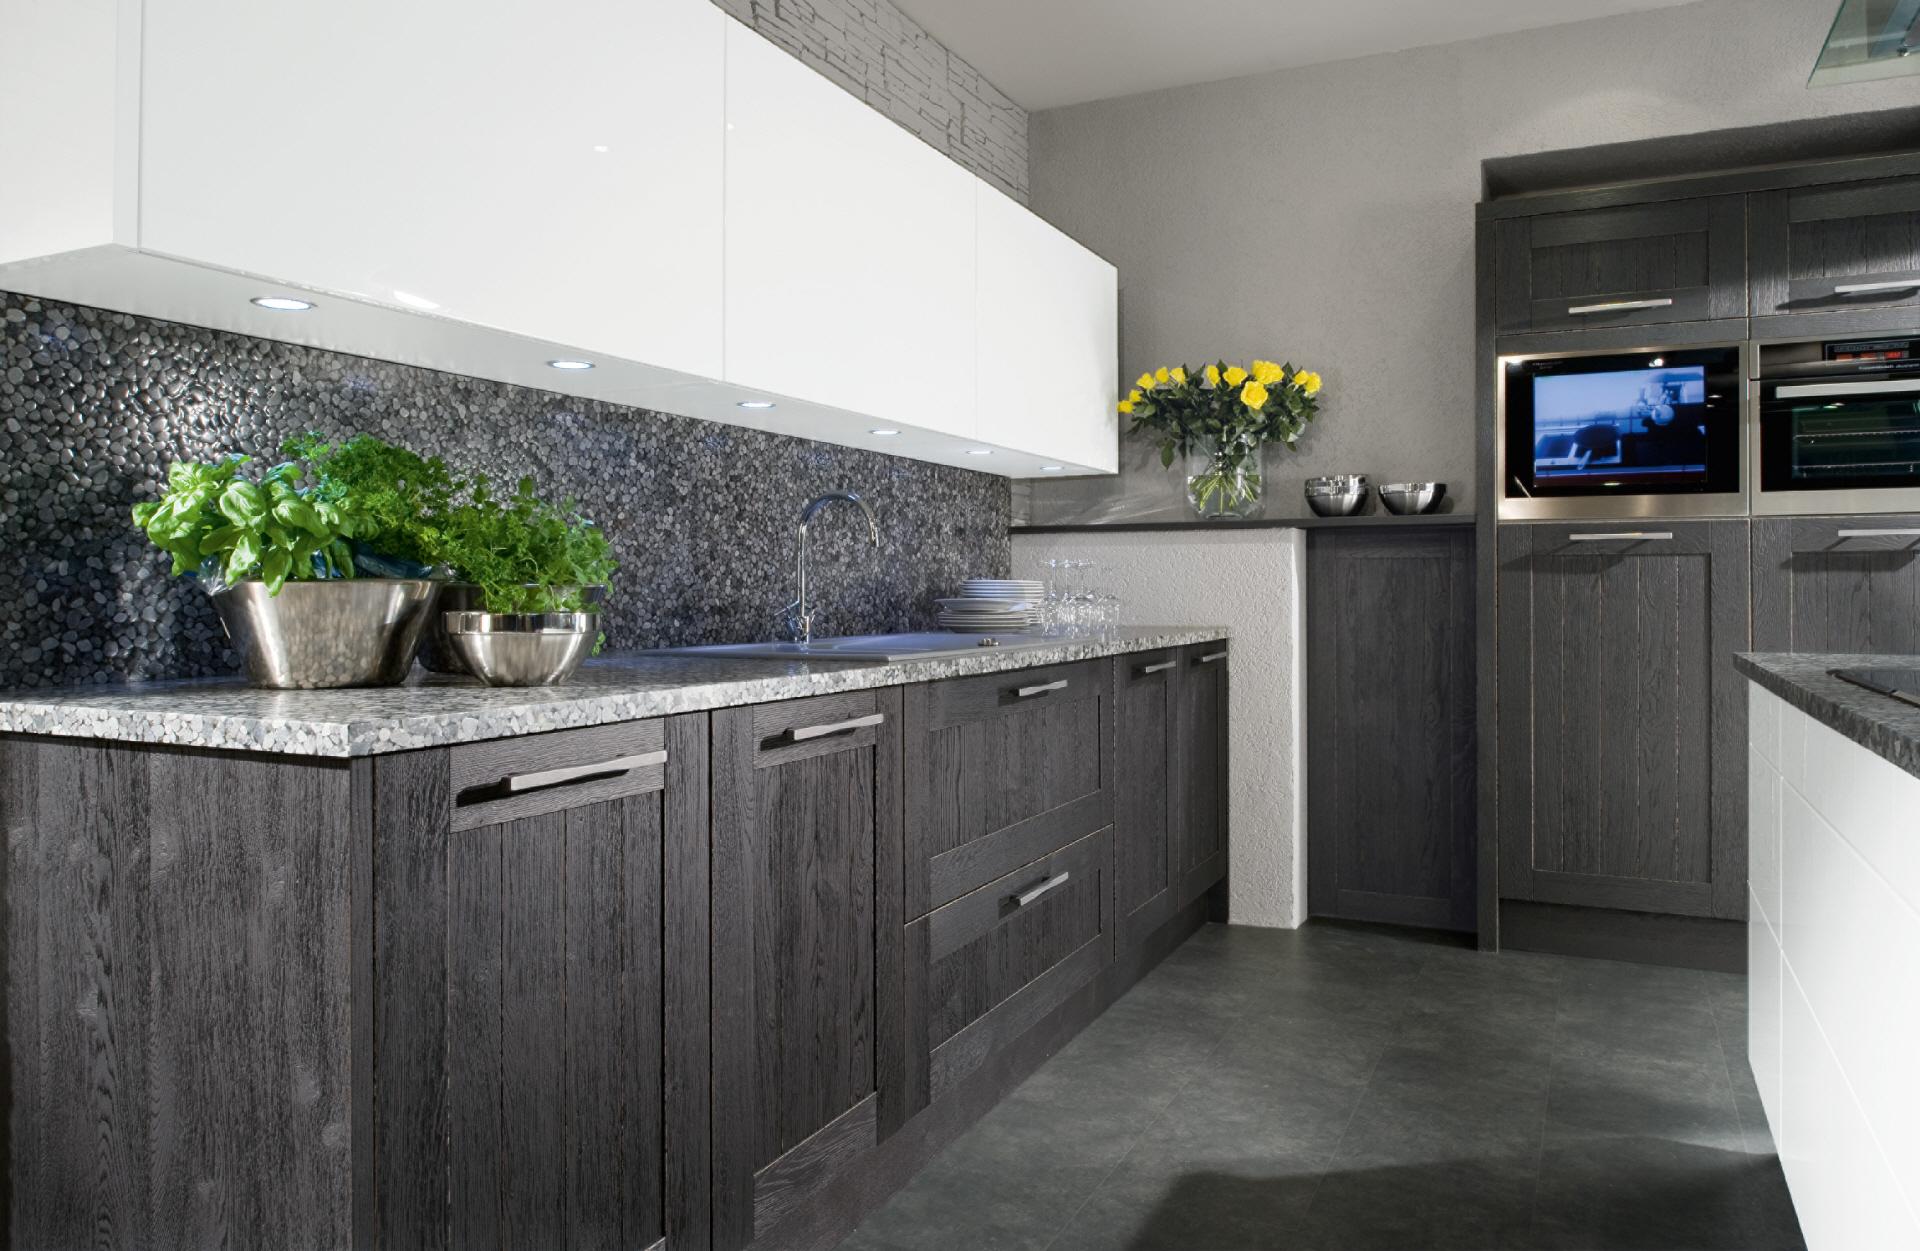 Atemberaubend Küche Granit Und Wandanschluss Galerie - Küchenschrank ...